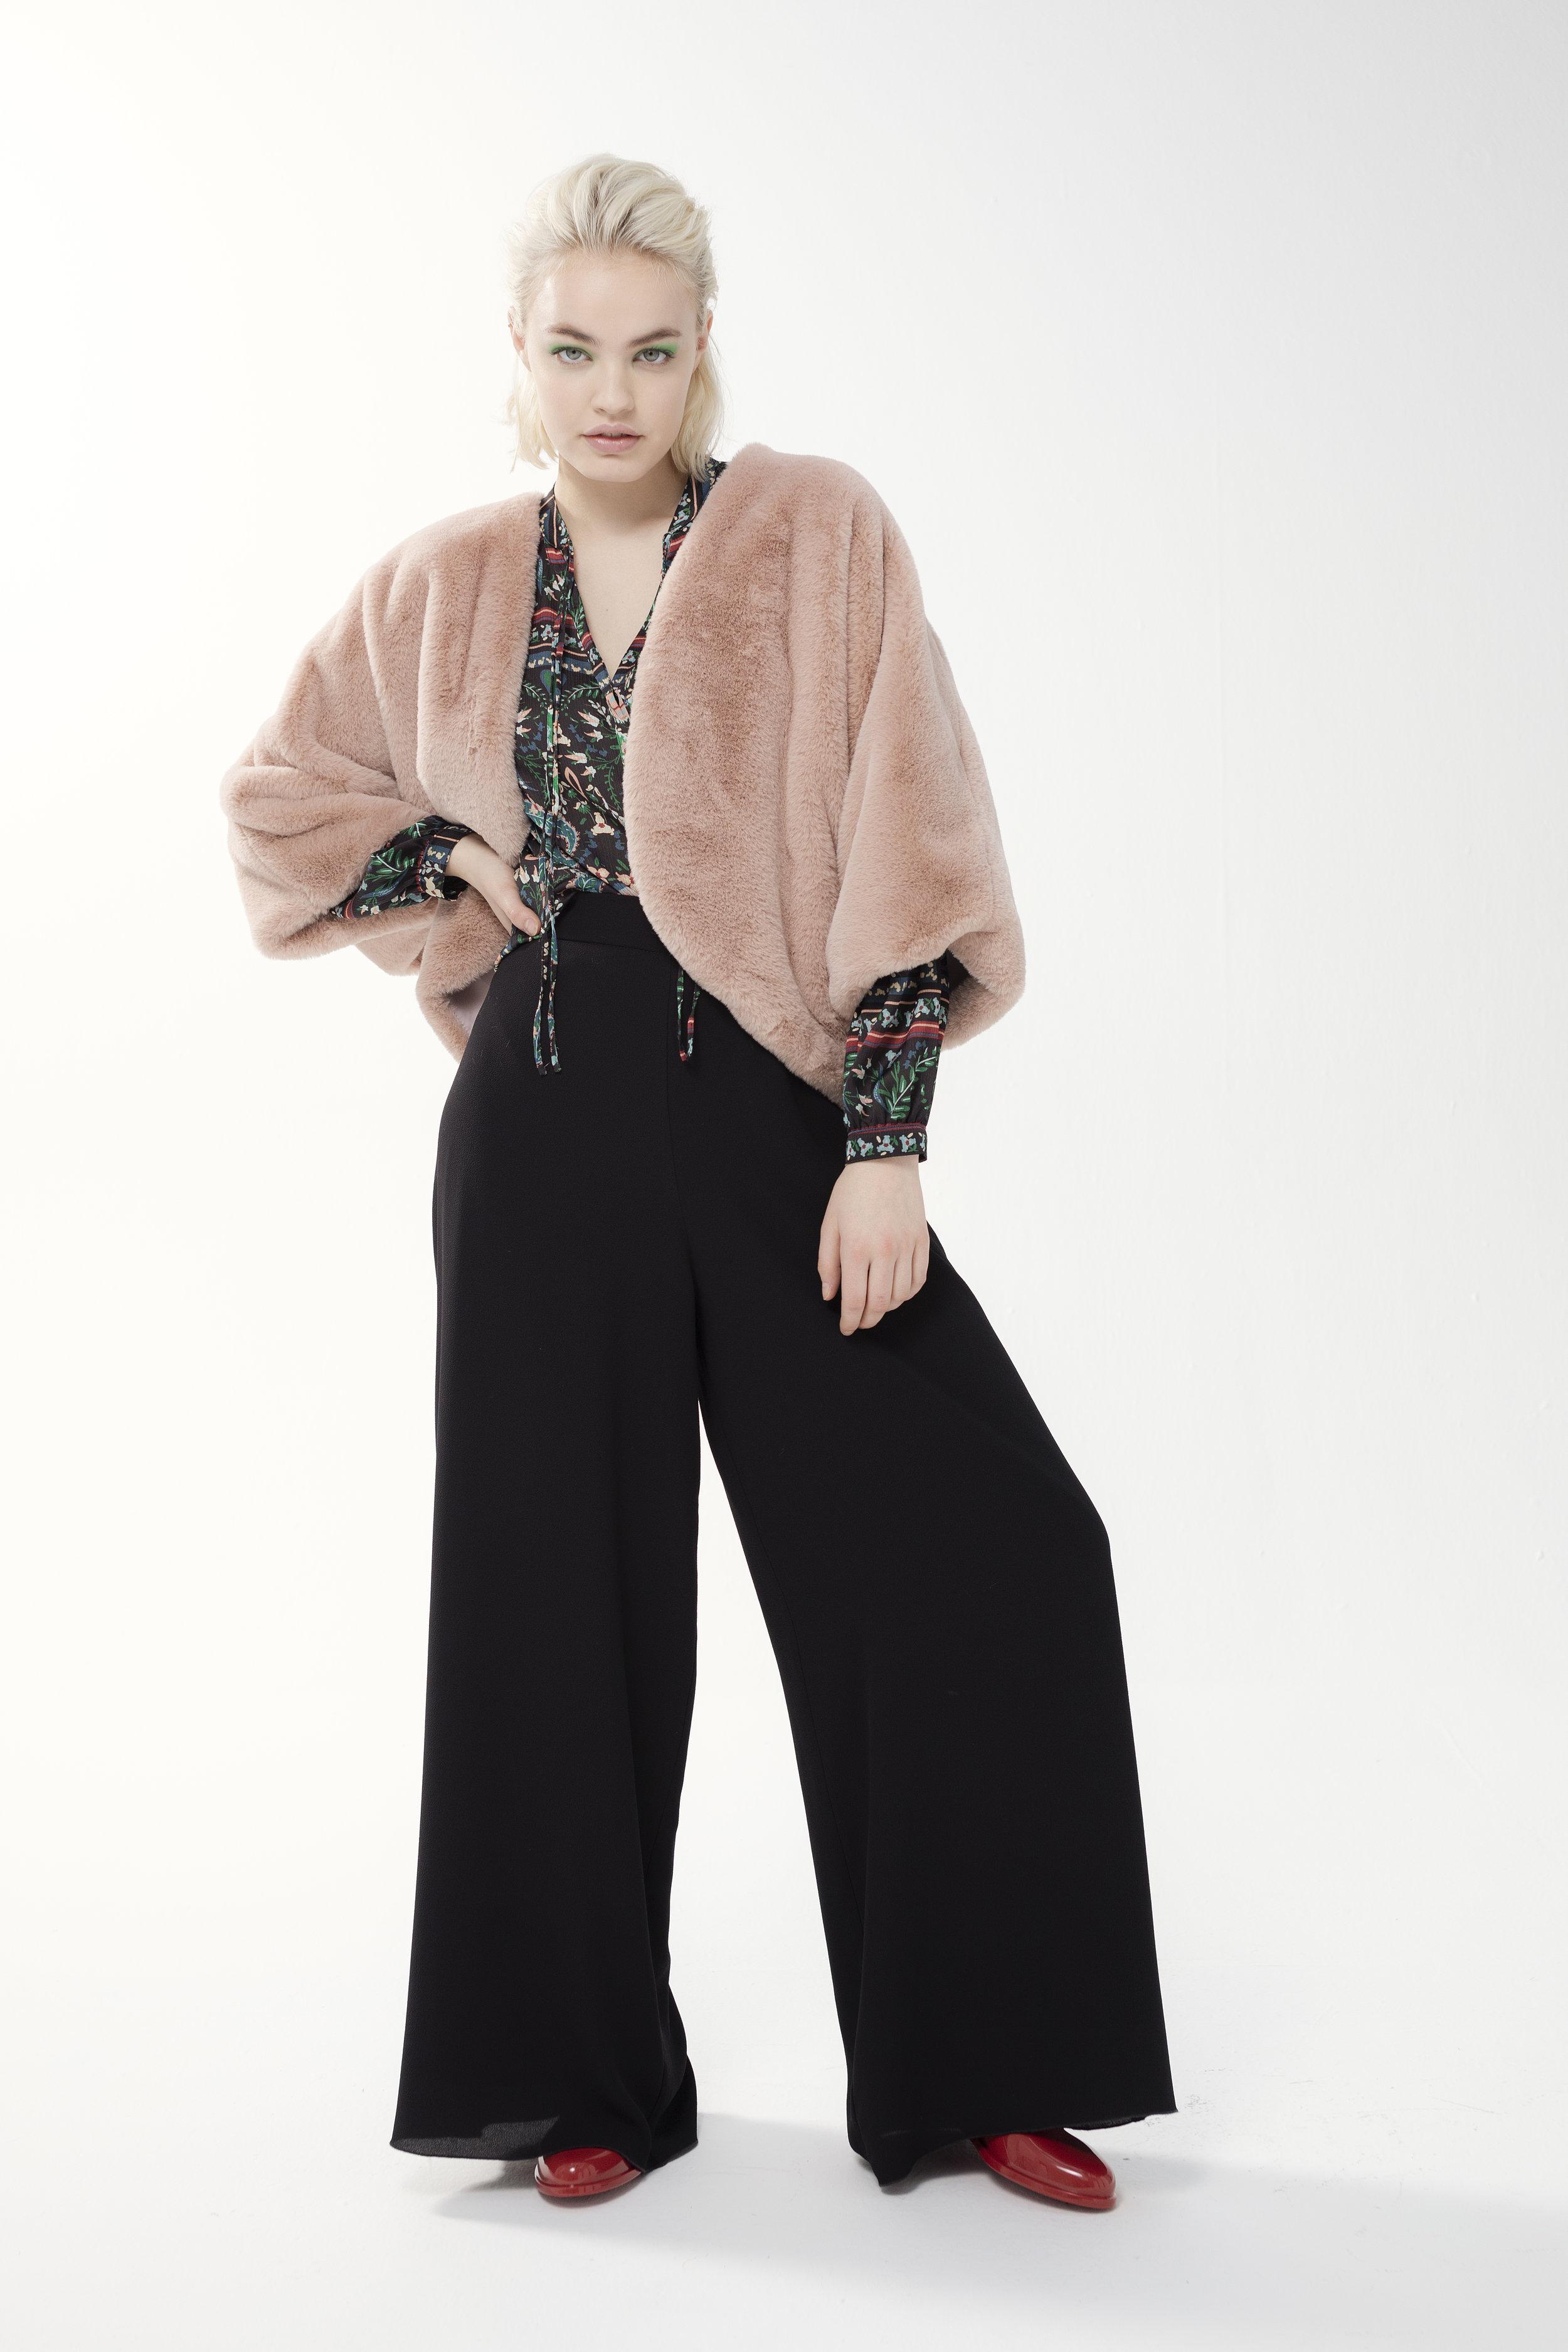 Shirt PISTACHE - etro | Jacket SWEET - soft | Trouser NOUGATINE - crepe